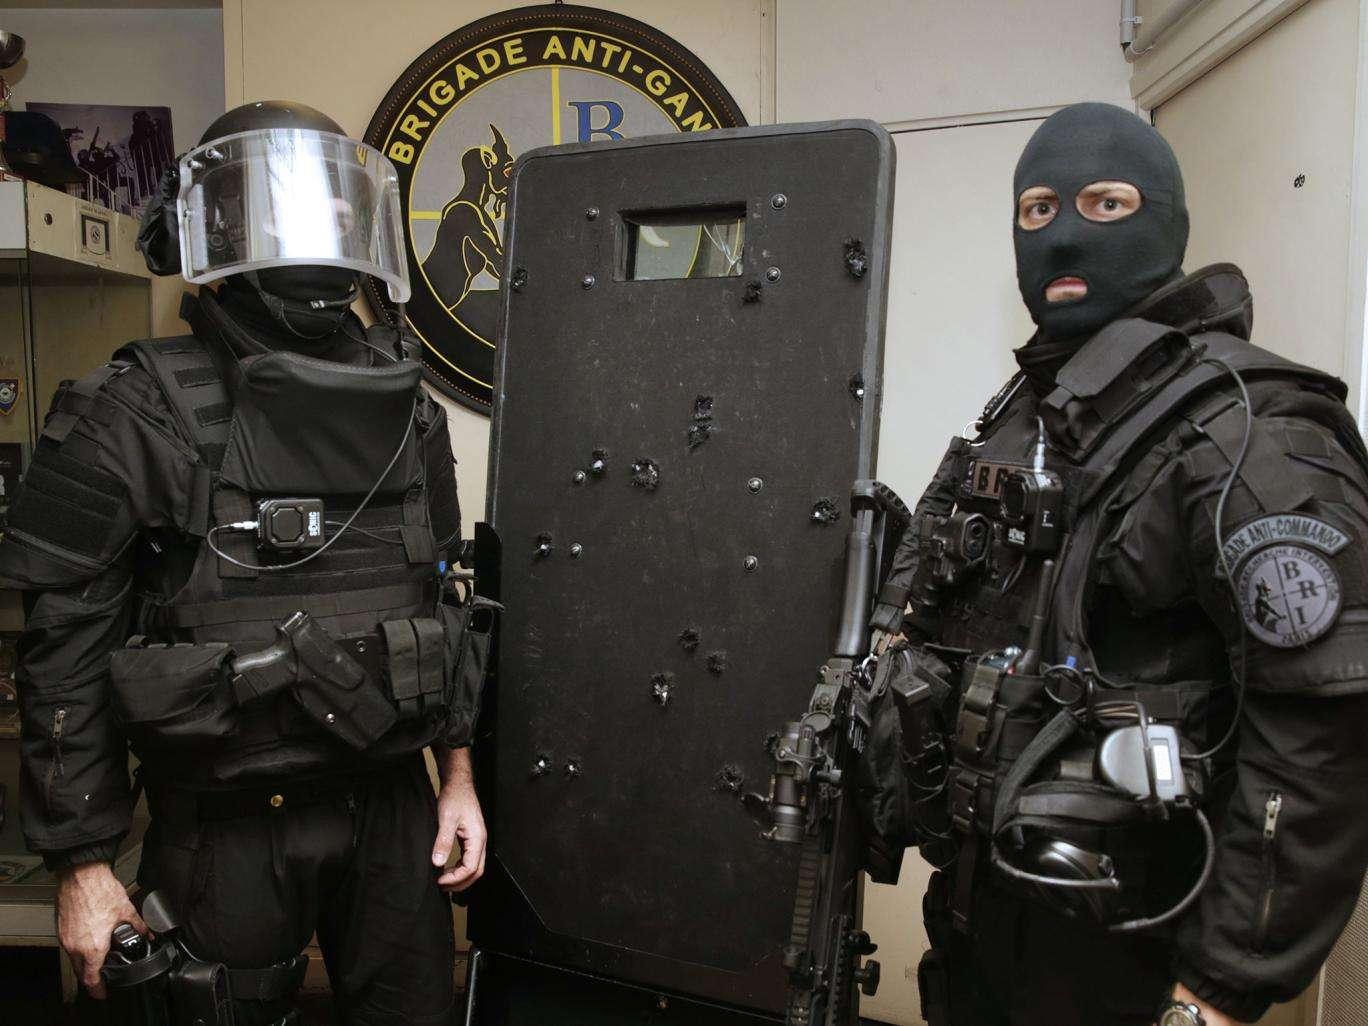 Αστυνομικές δυνάμει στο Παρίσι